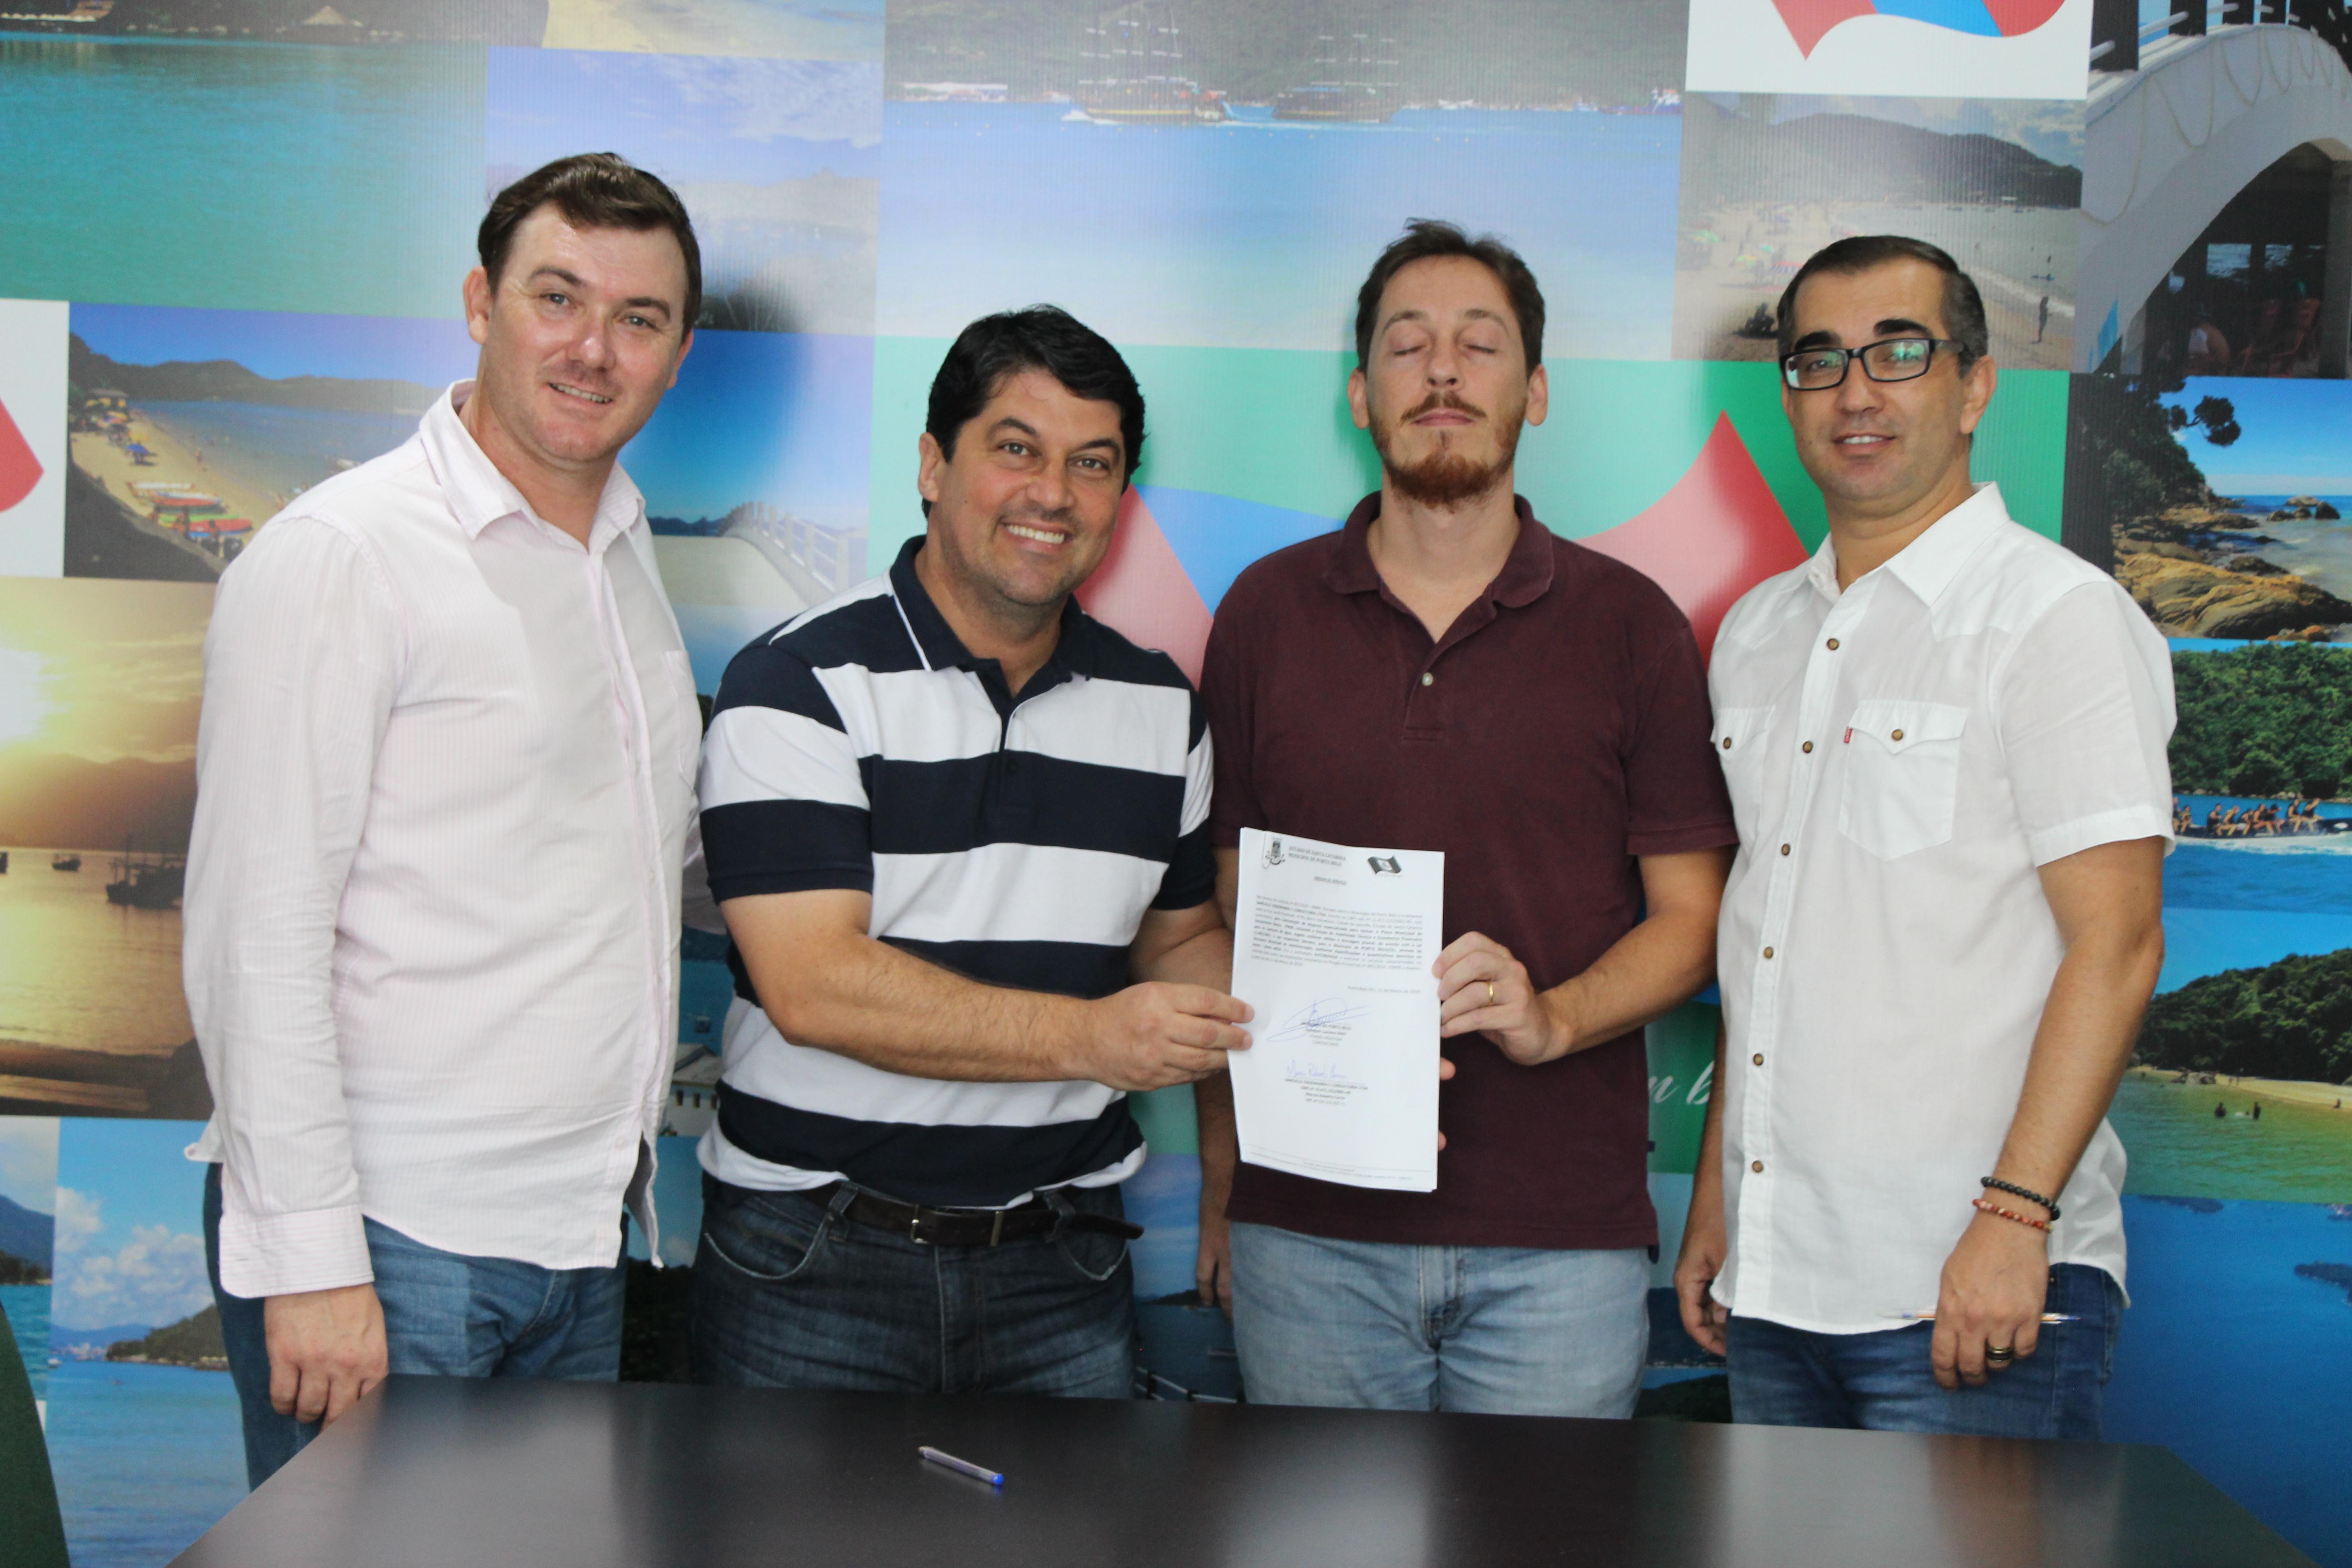 PORTO BELO - Assinada Ordem de Serviço para Plano de Saneamento Básico em Porto Belo